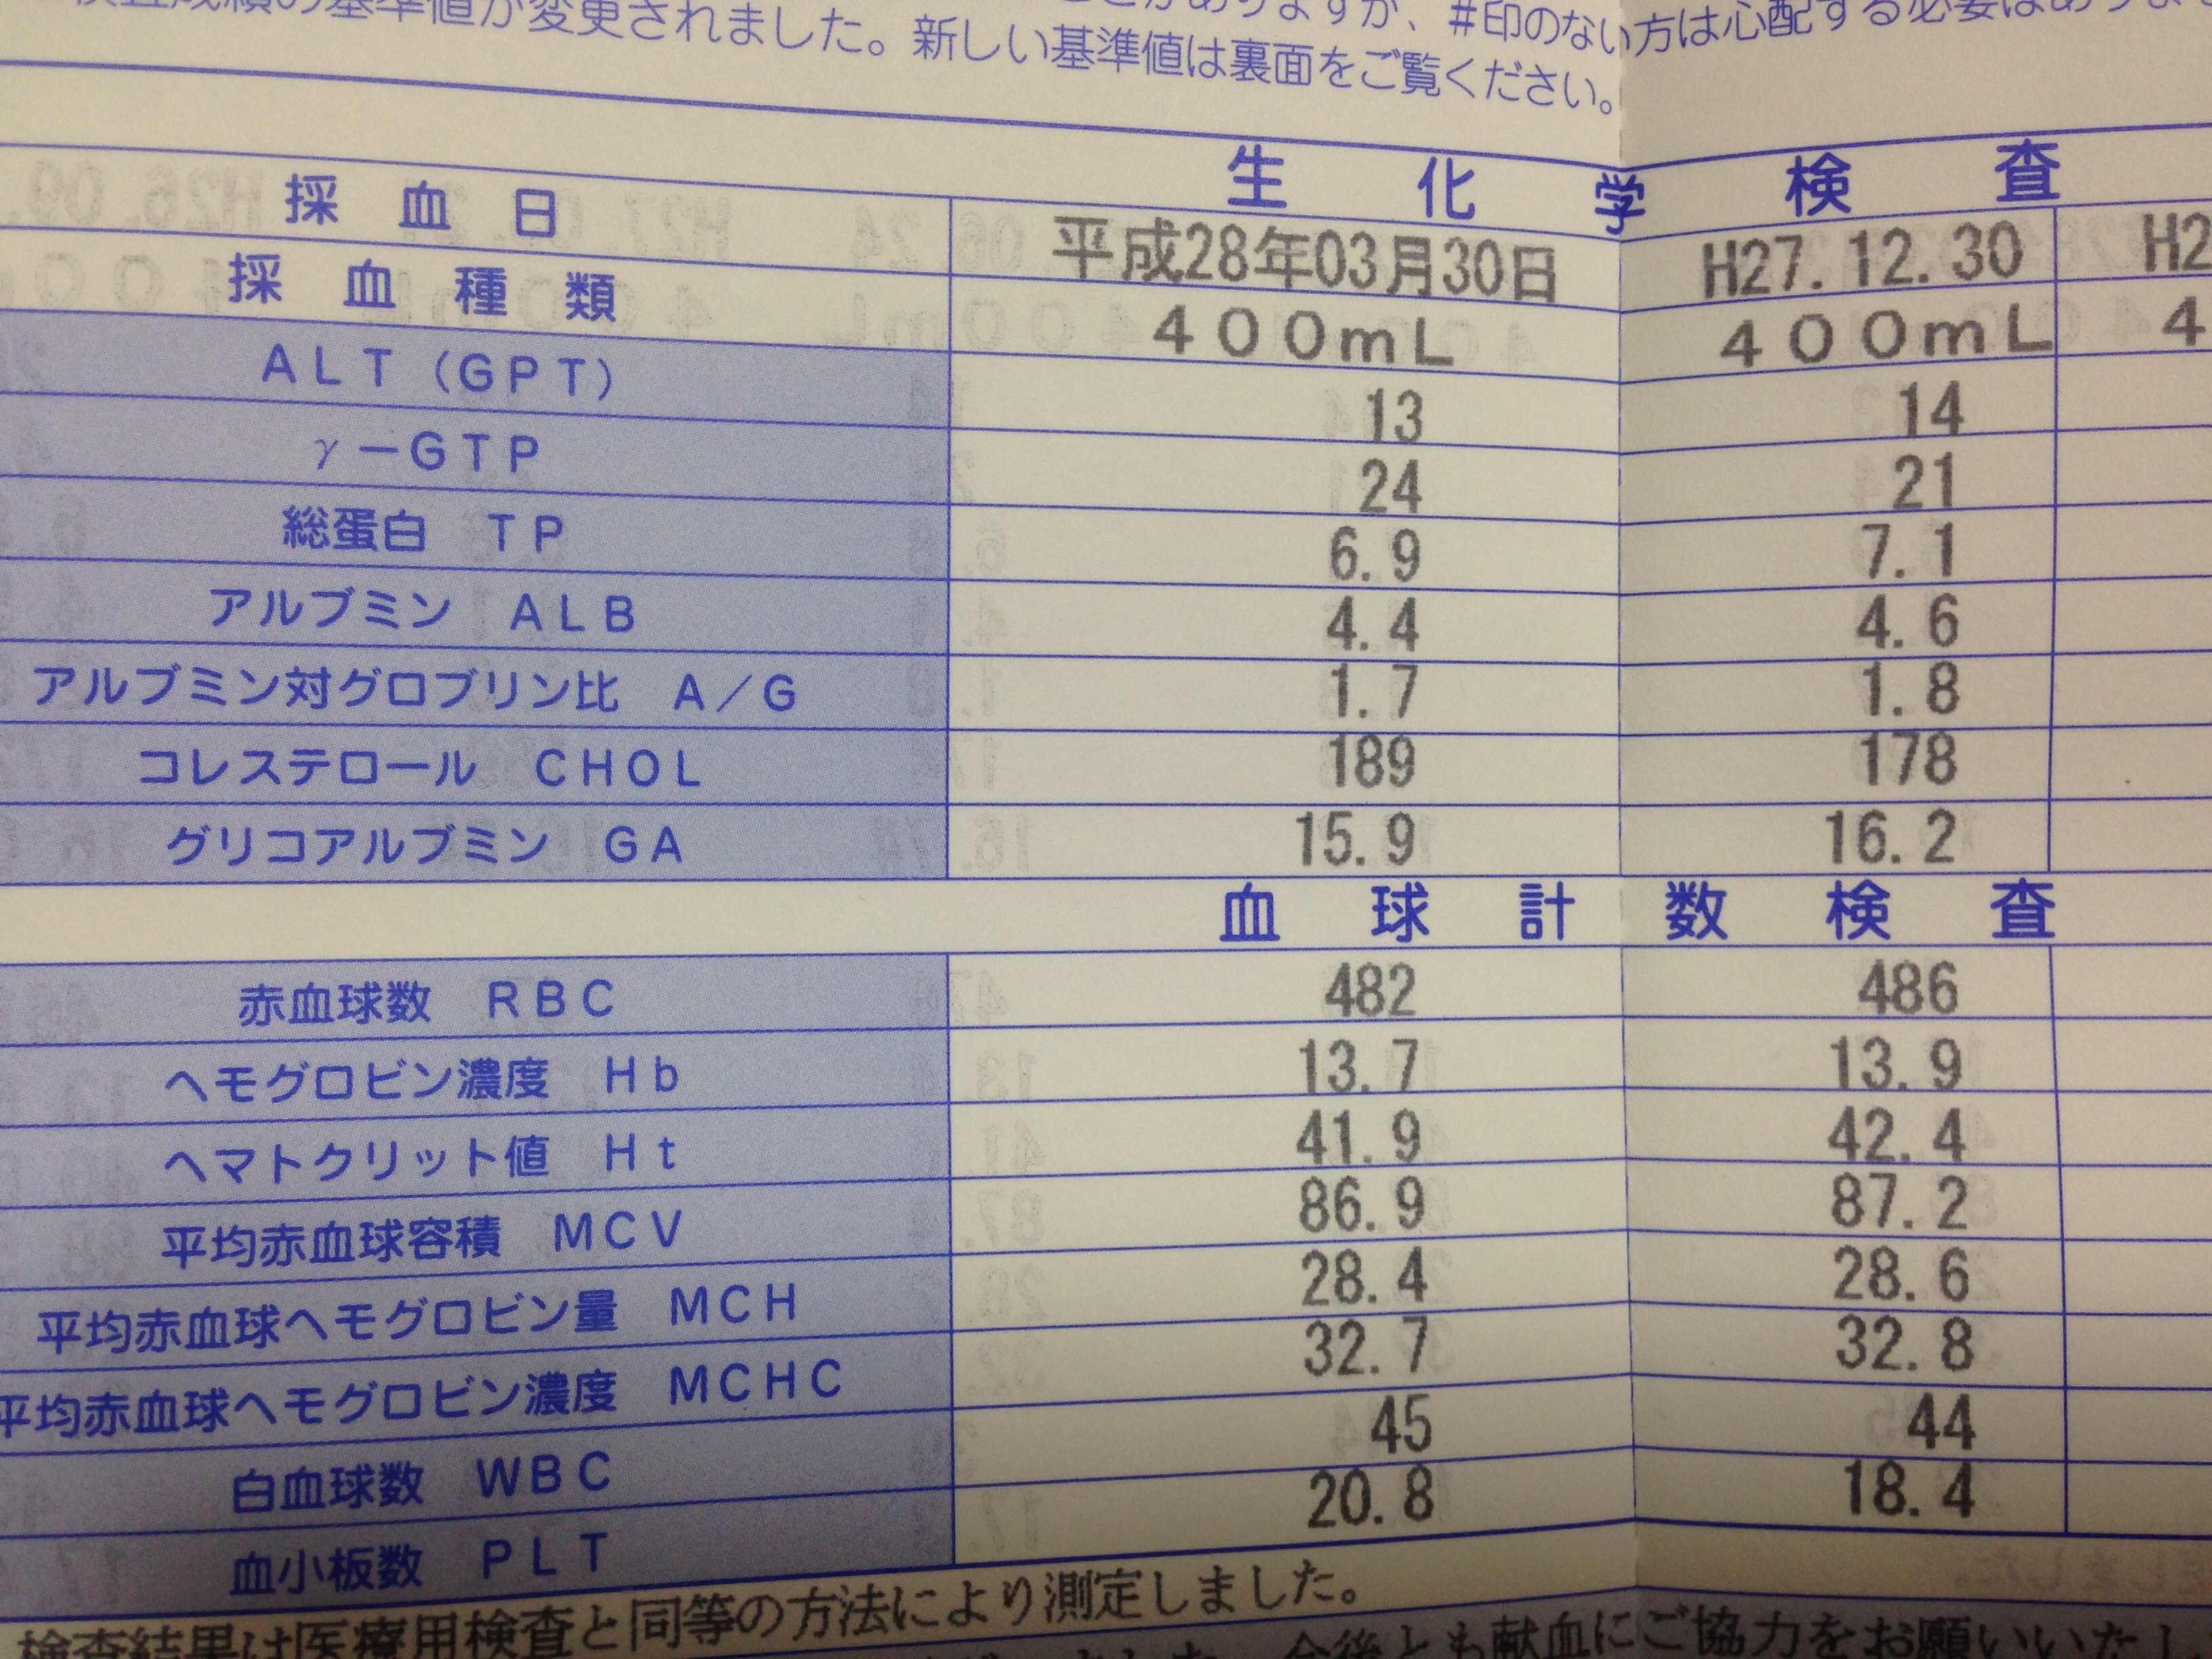 献血の血液検査の結果 グリコアルブミンの数値が下がりました。